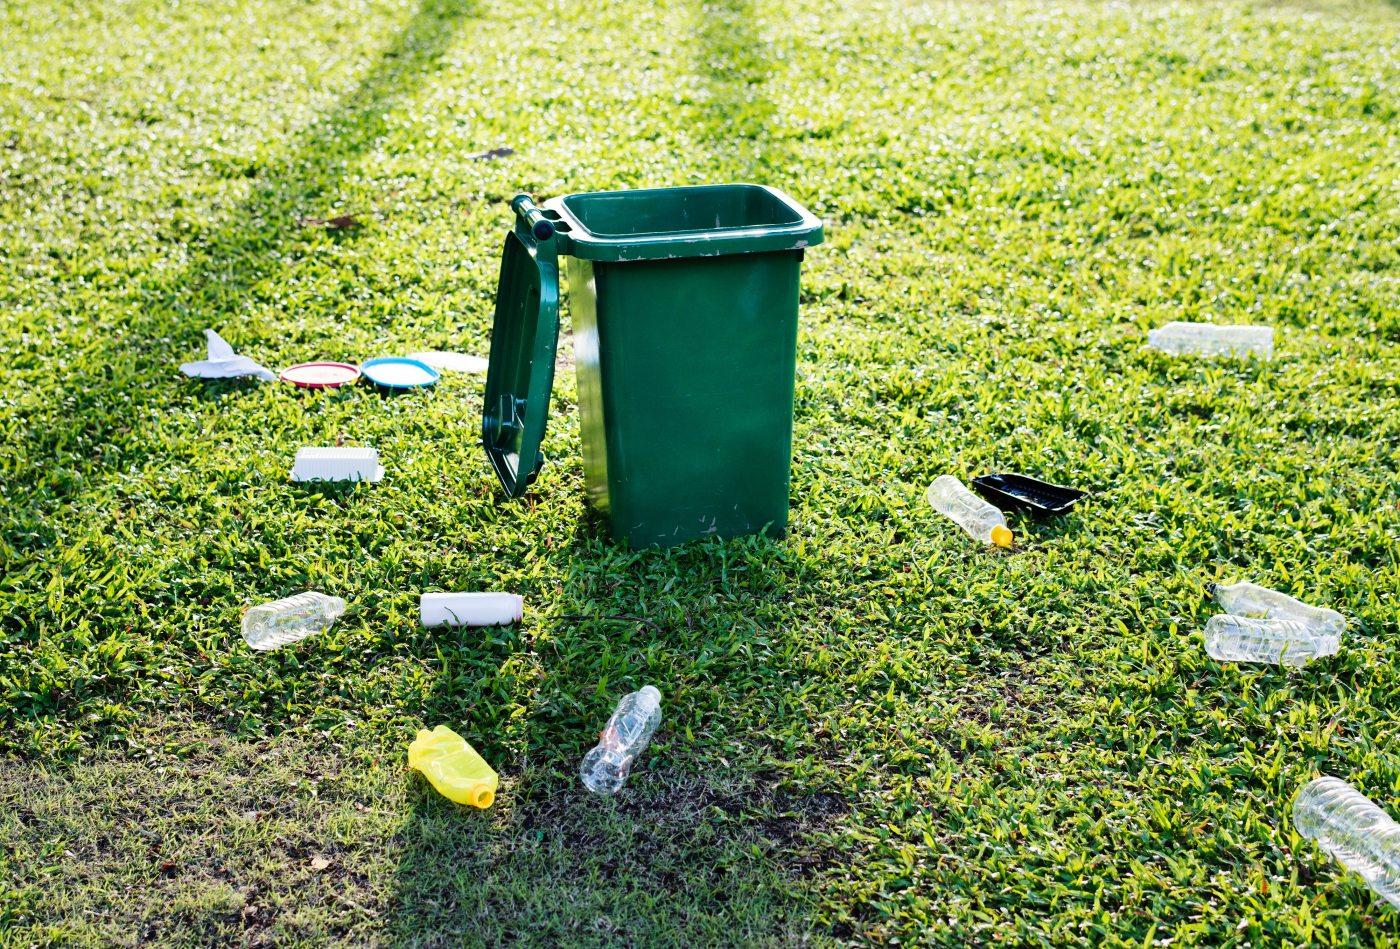 bottles-careless-daylight-1353365.jpg